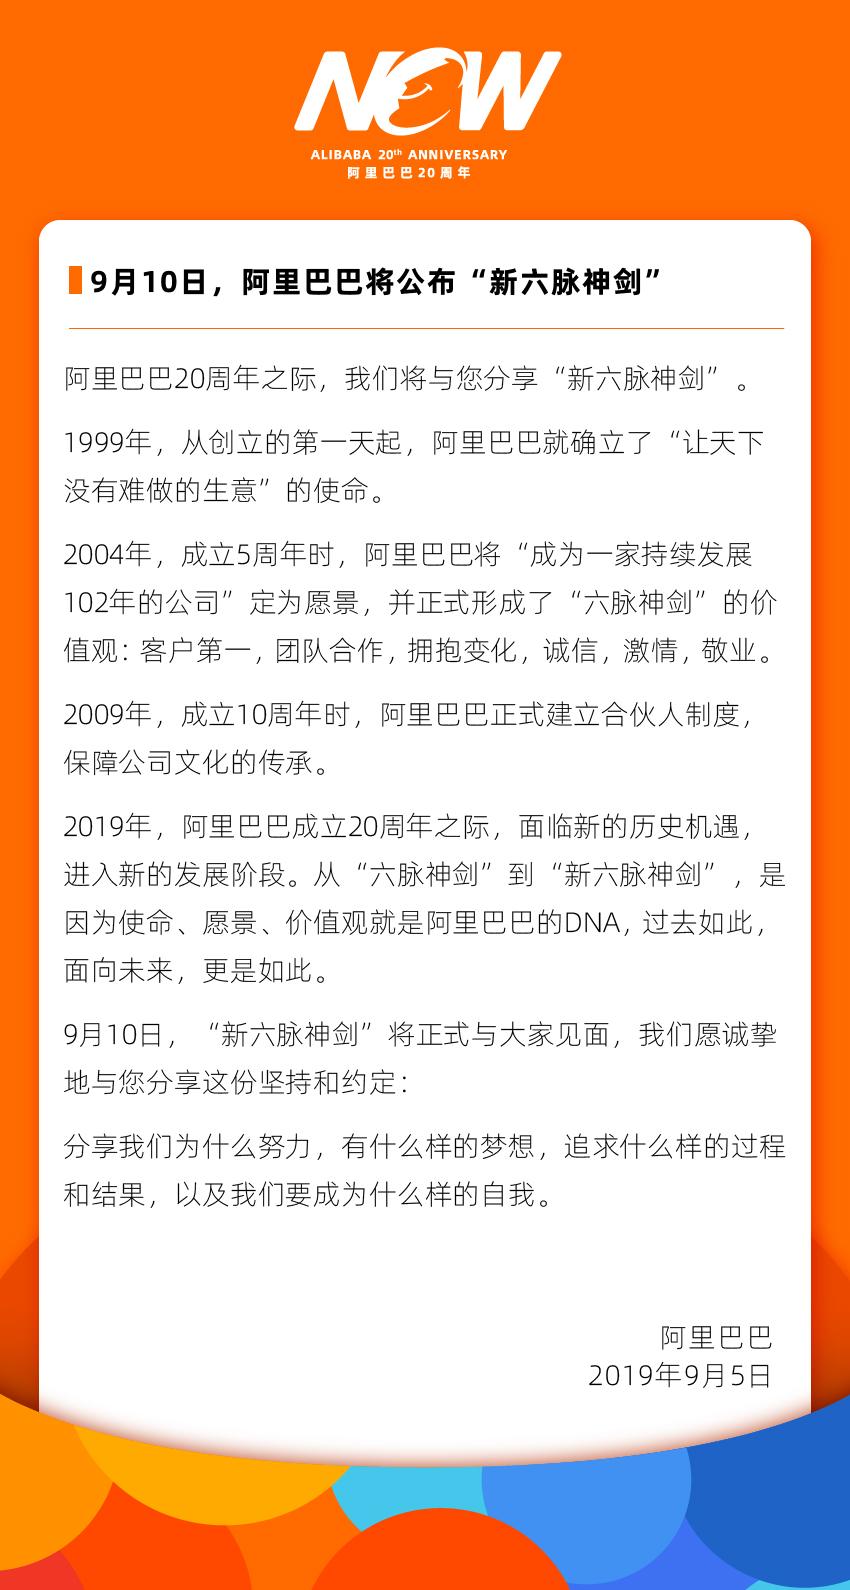 """阿里巴巴9月10日将公布""""新六脉神剑"""" 修改过20多稿"""